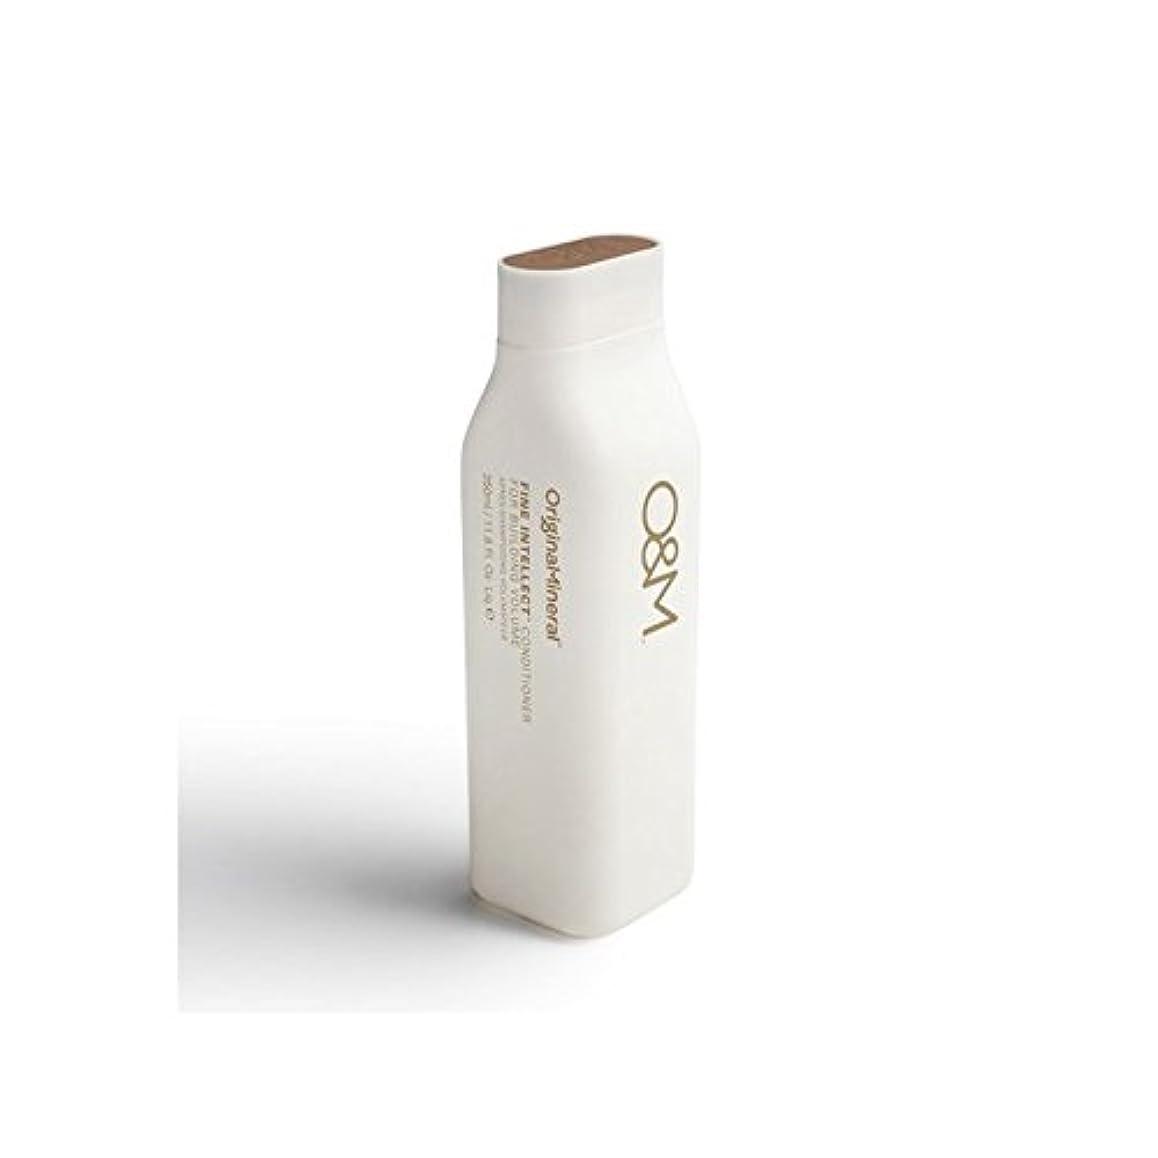 排気関係するもっと少なくオリジナル&ミネラル細かい知性コンディショナー(350ミリリットル) x4 - Original & Mineral Fine Intellect Conditioner (350ml) (Pack of 4) [並行輸入品]